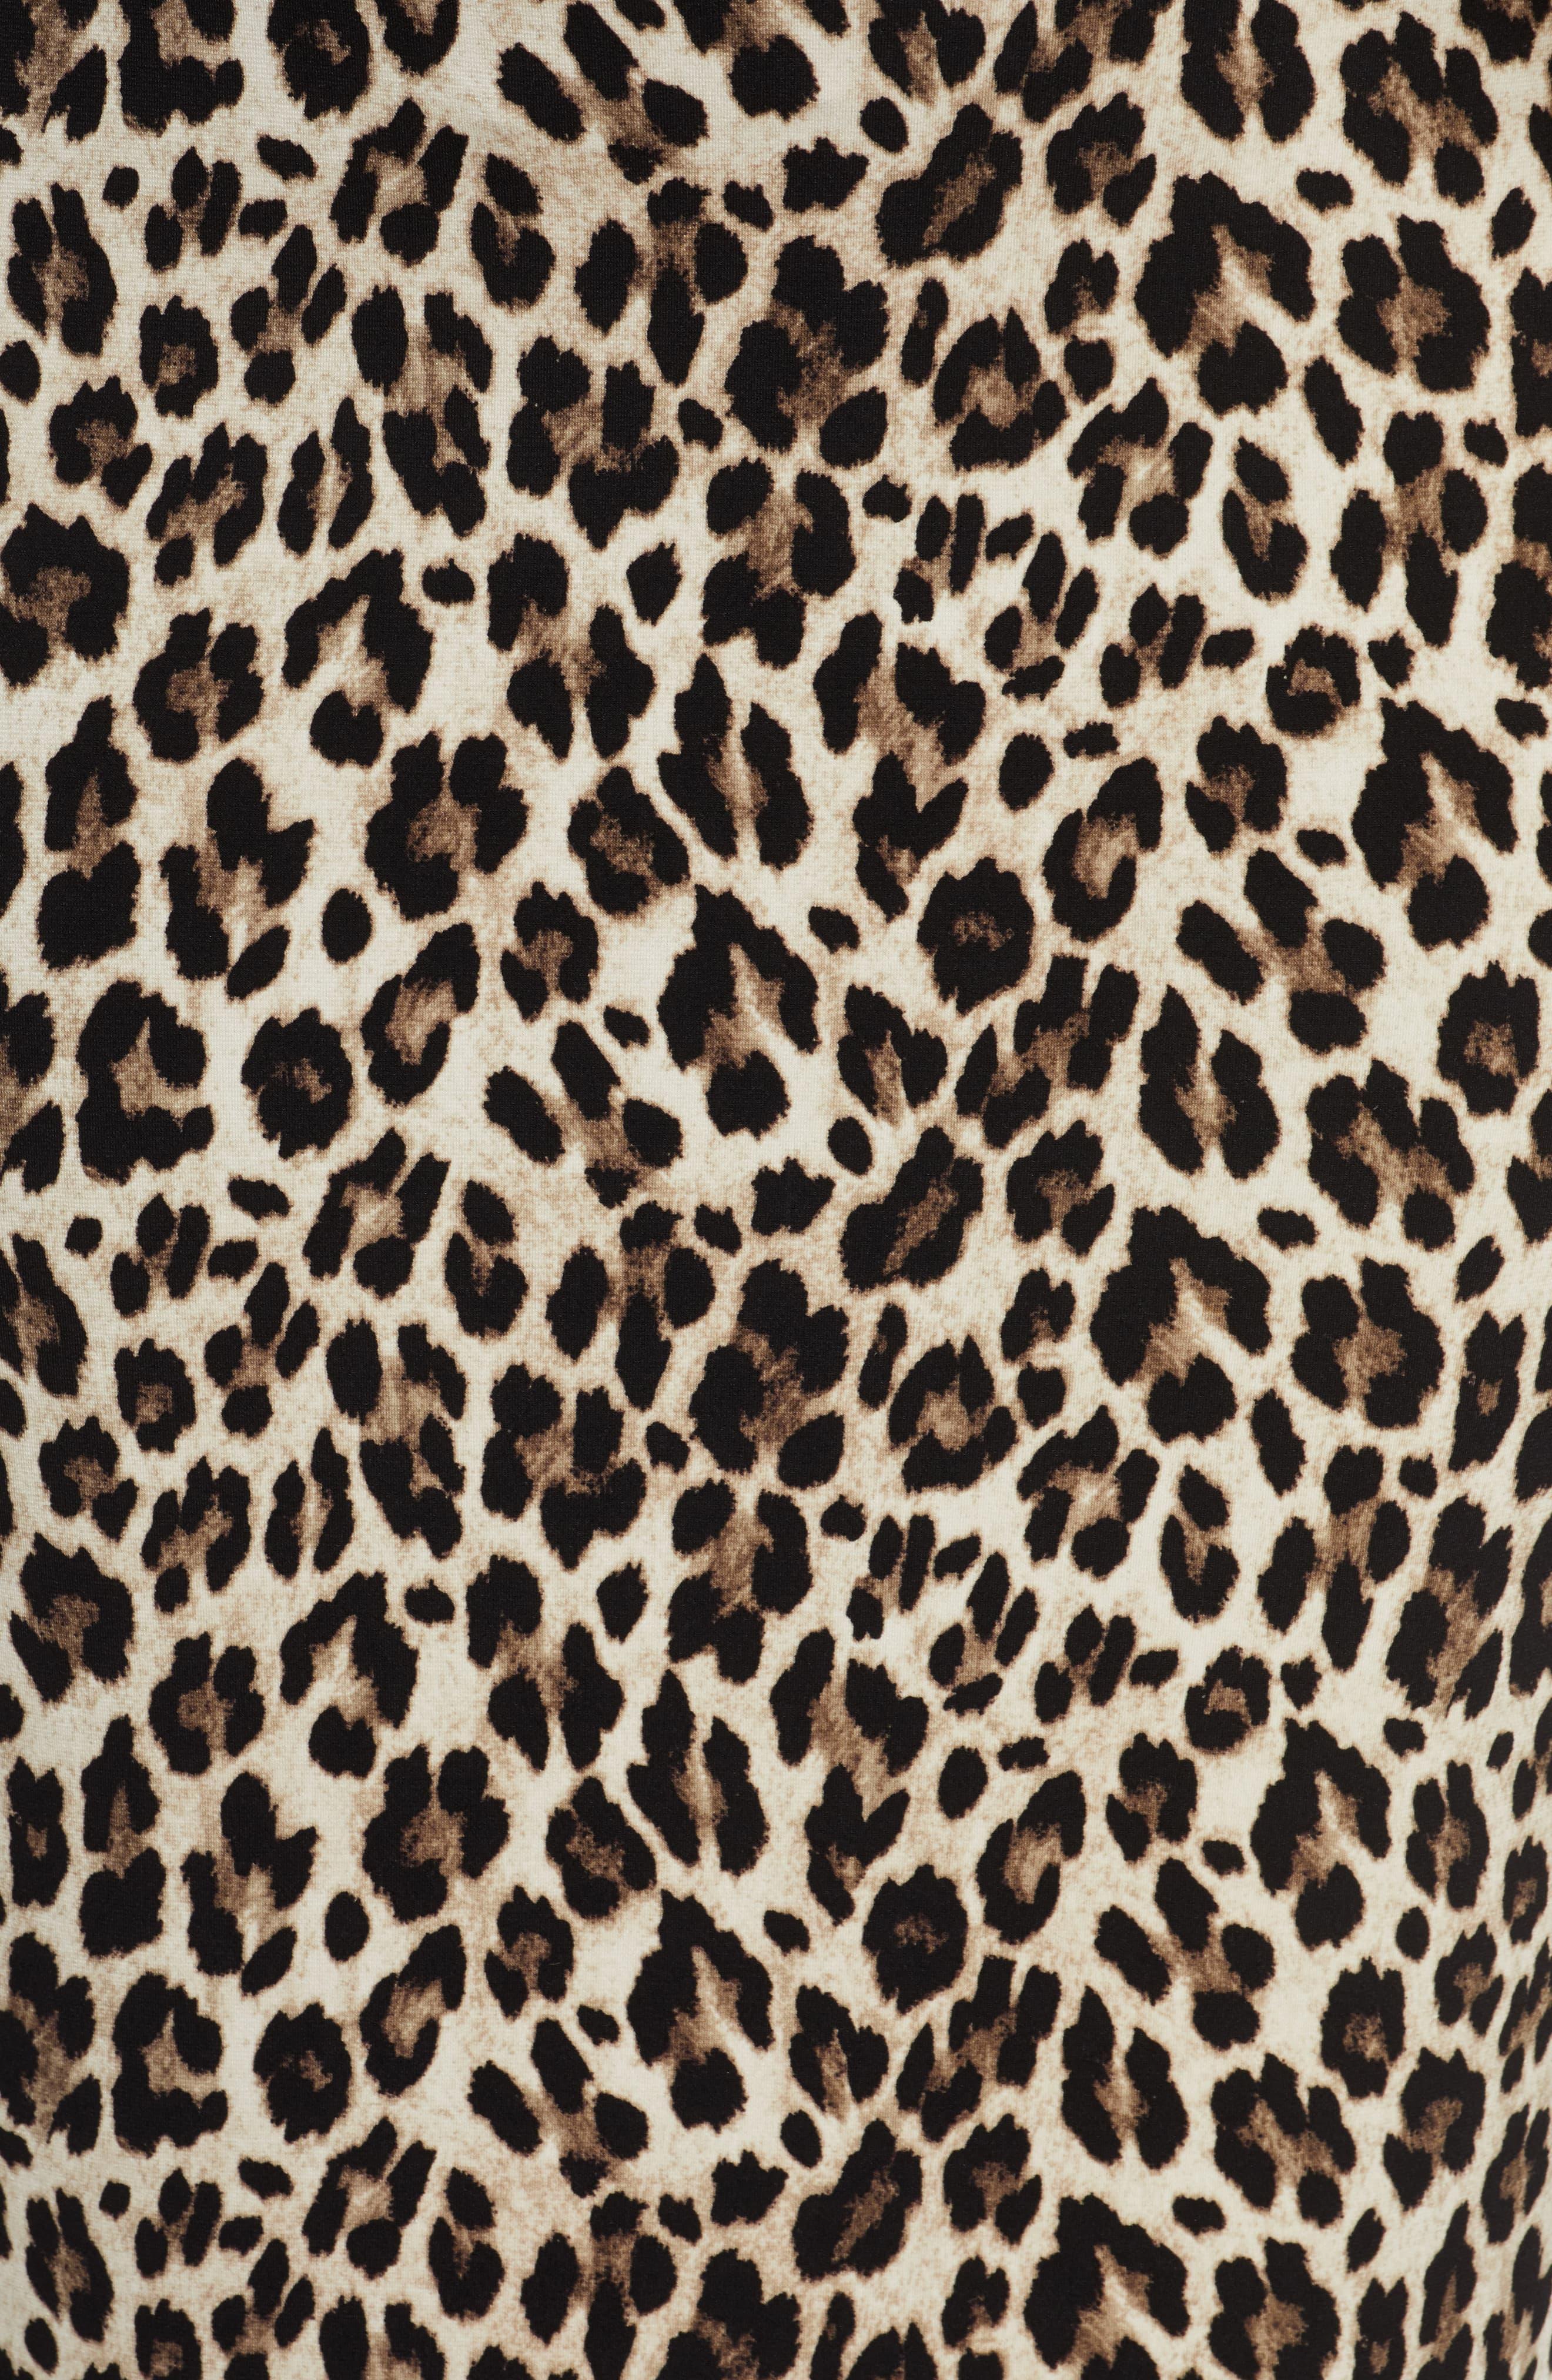 Plus Size Women S Vince Camuto Leopard Pencil Skirt Size Leopard Print Wallpaper Cheetah Print Background Leopard Print Background